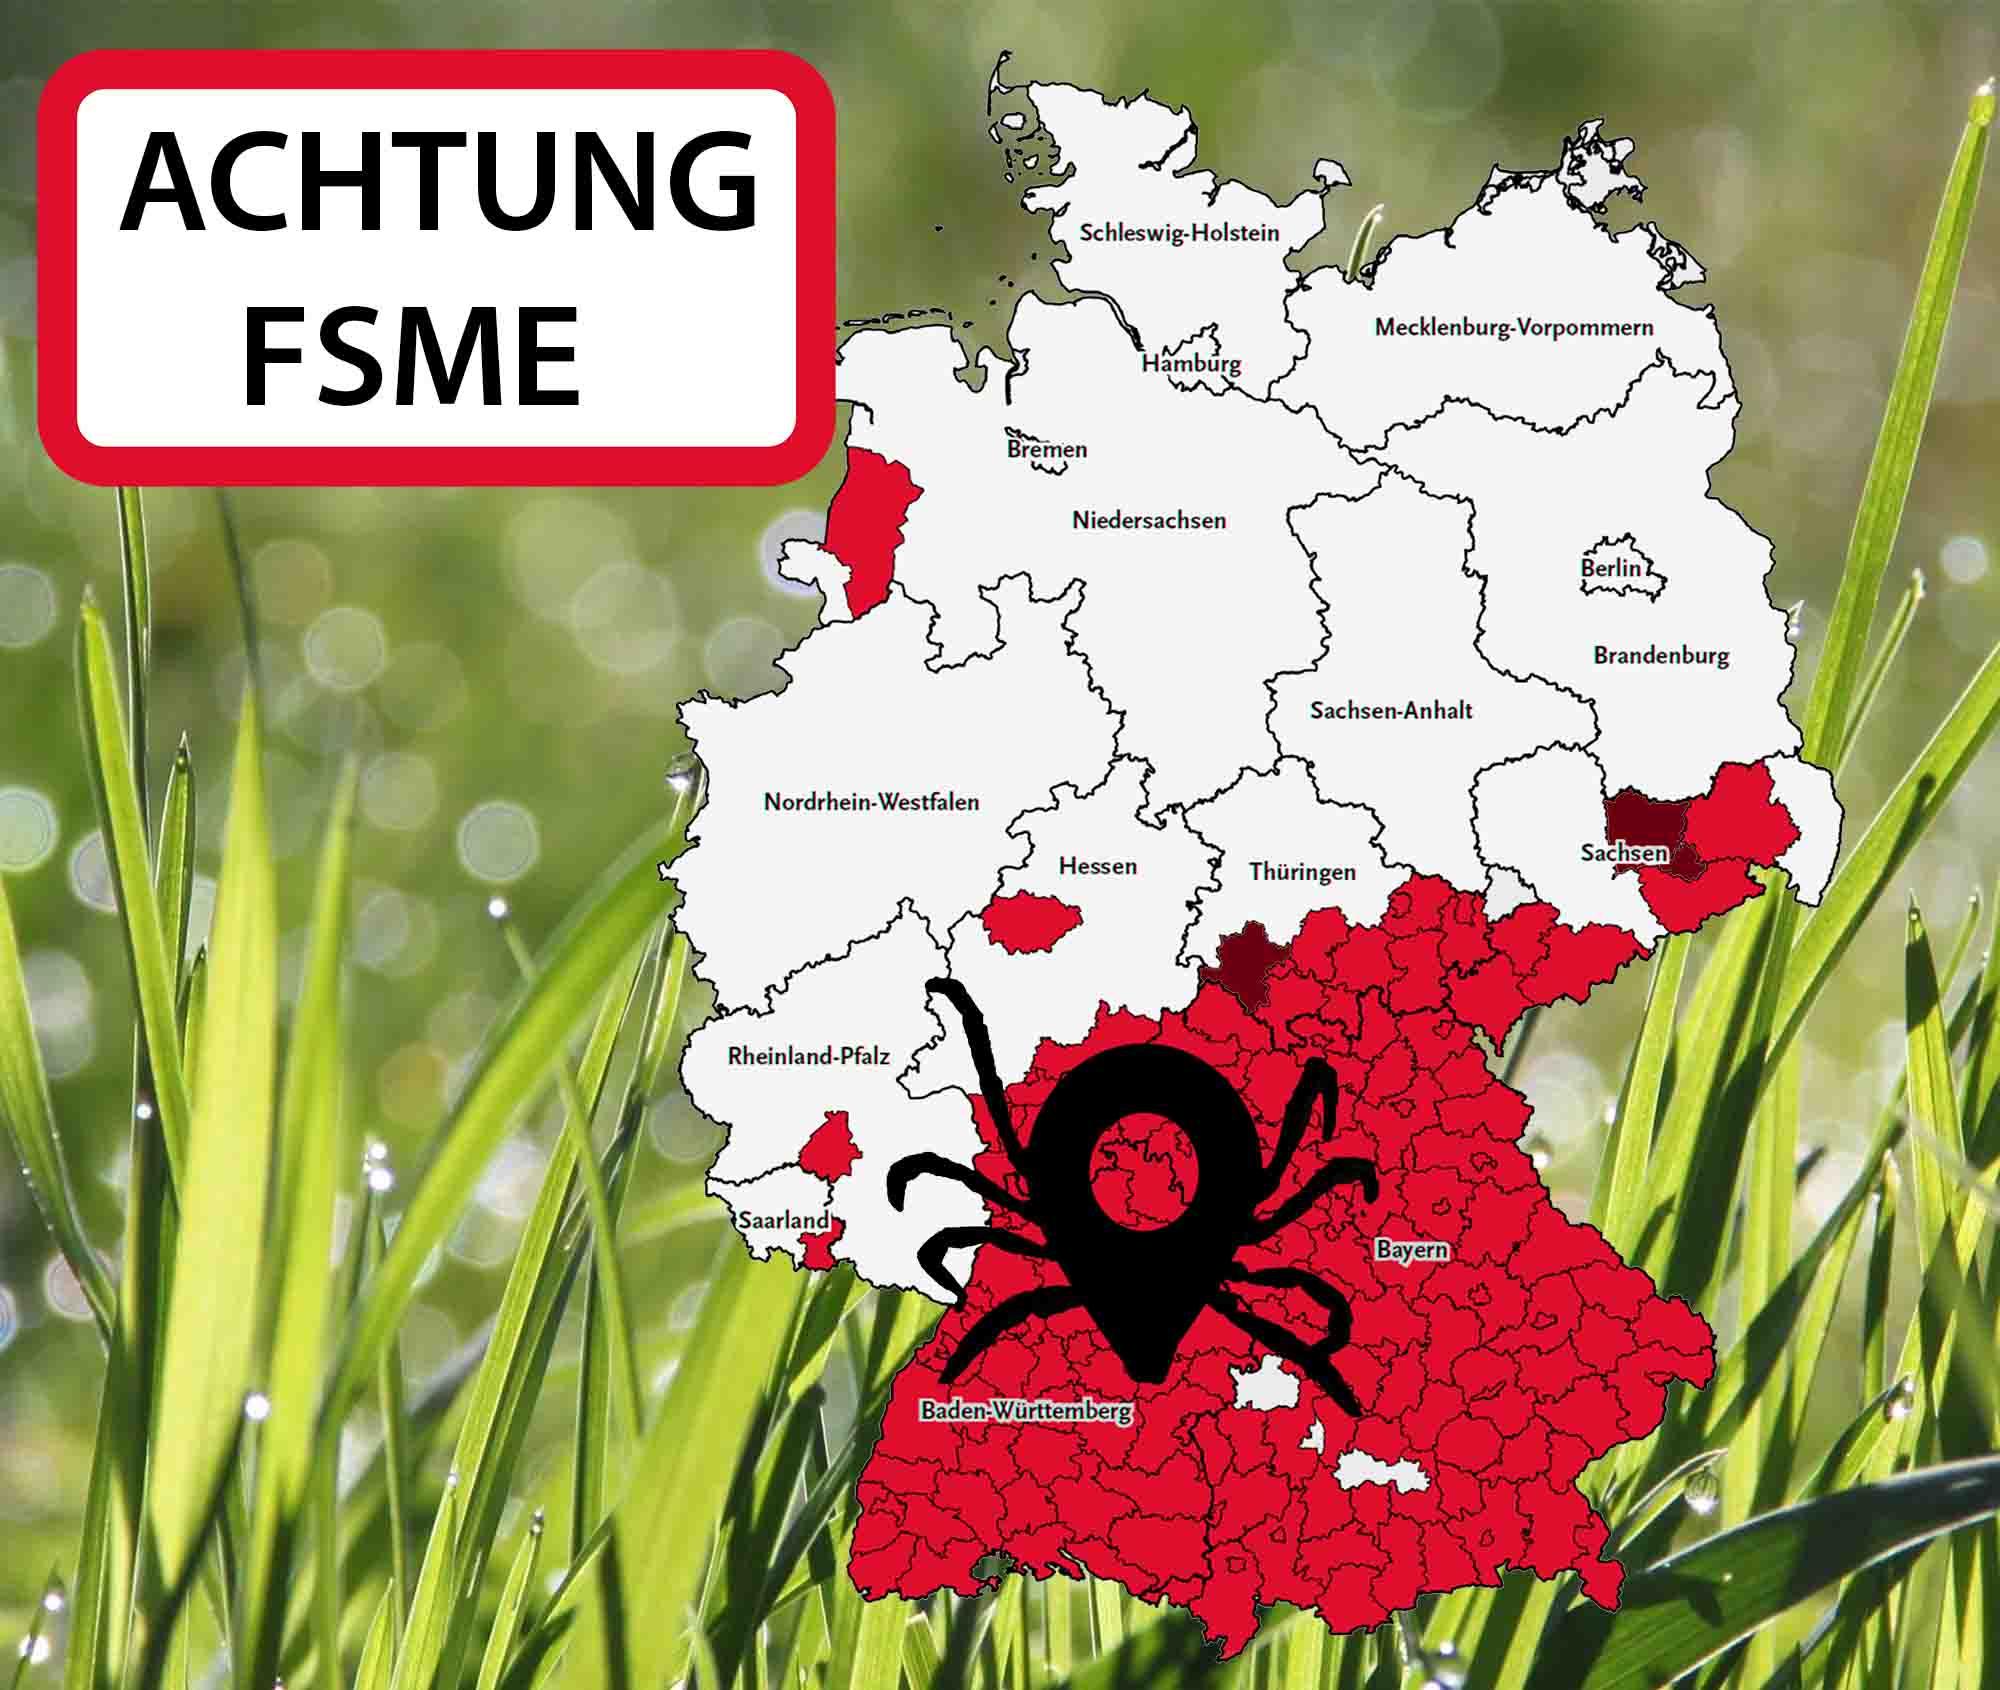 Deutschlandkarte mit den neuen FSME-Risikogebieten 2020